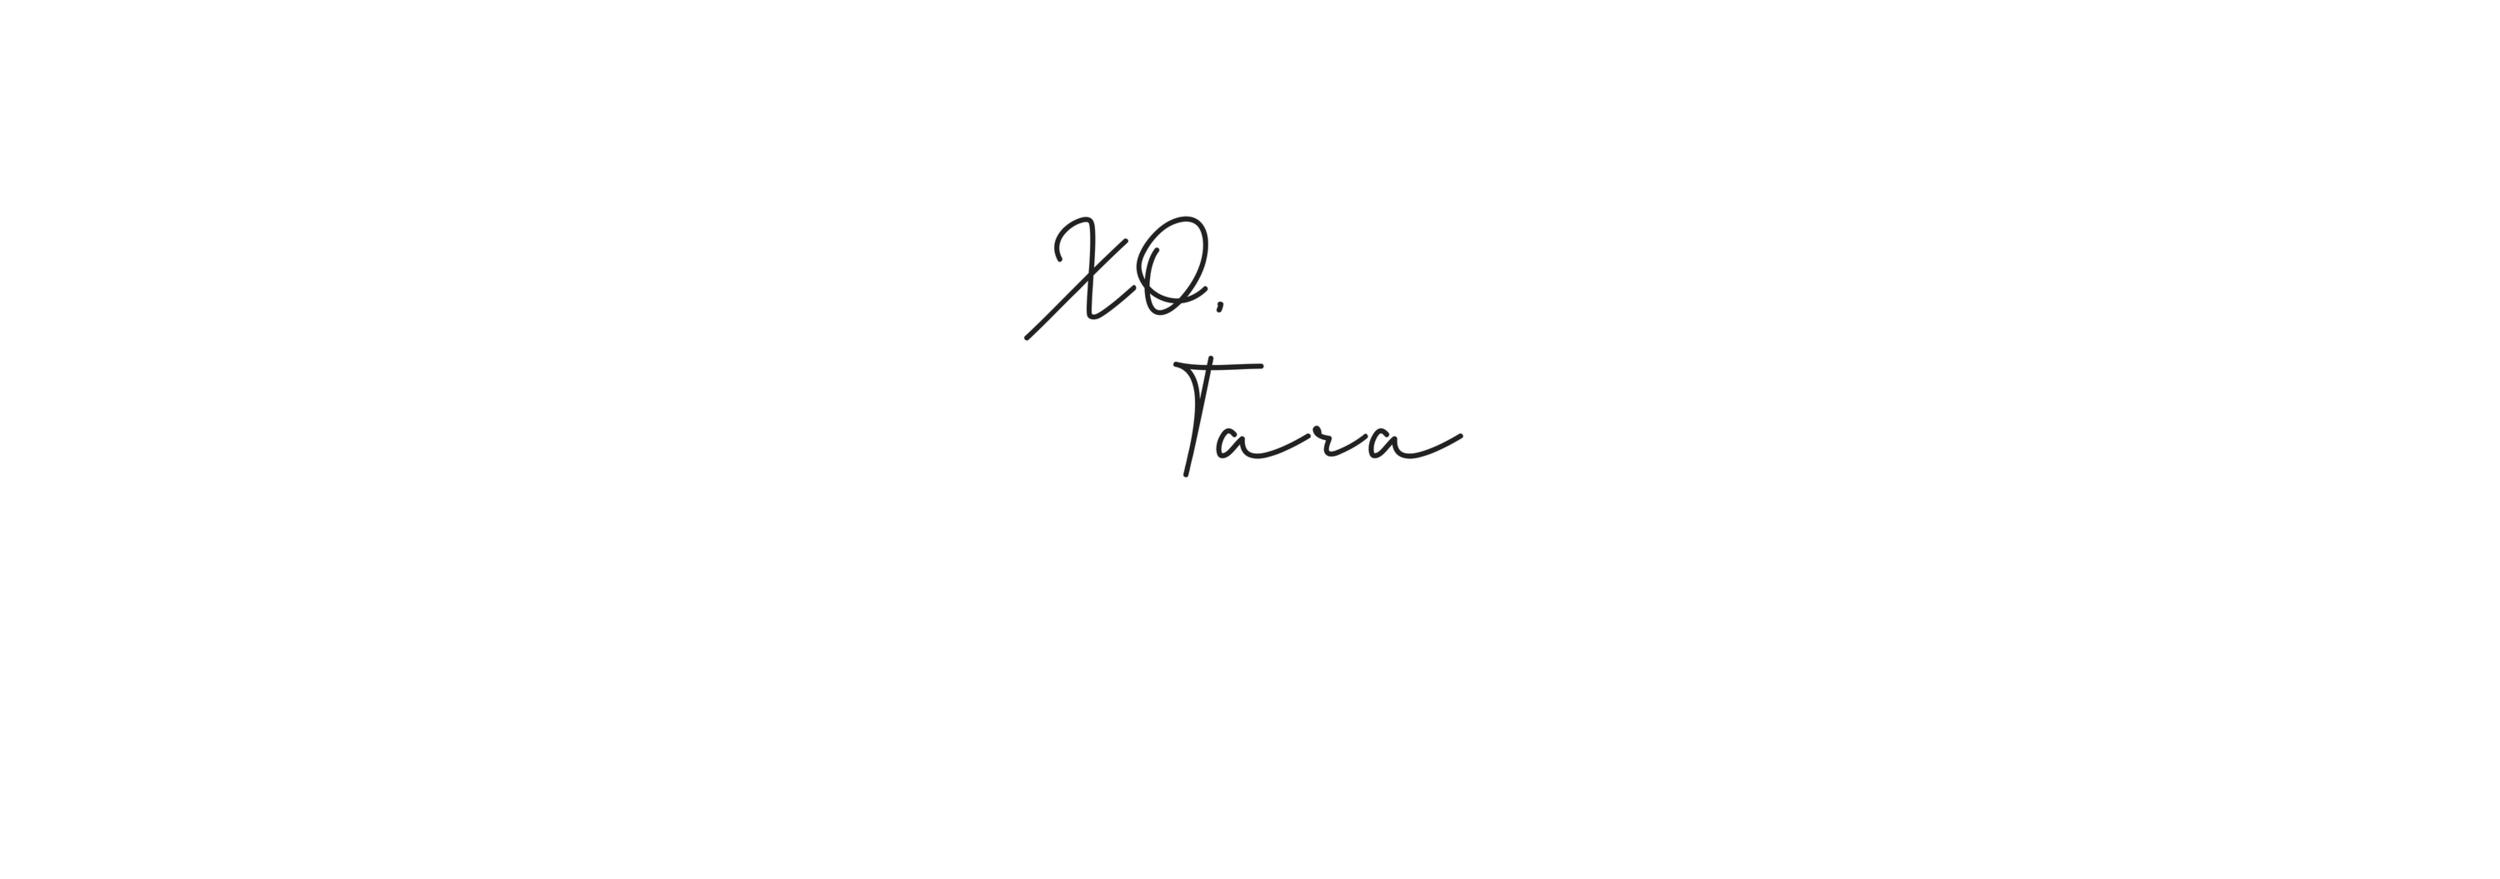 XO, Tara.png